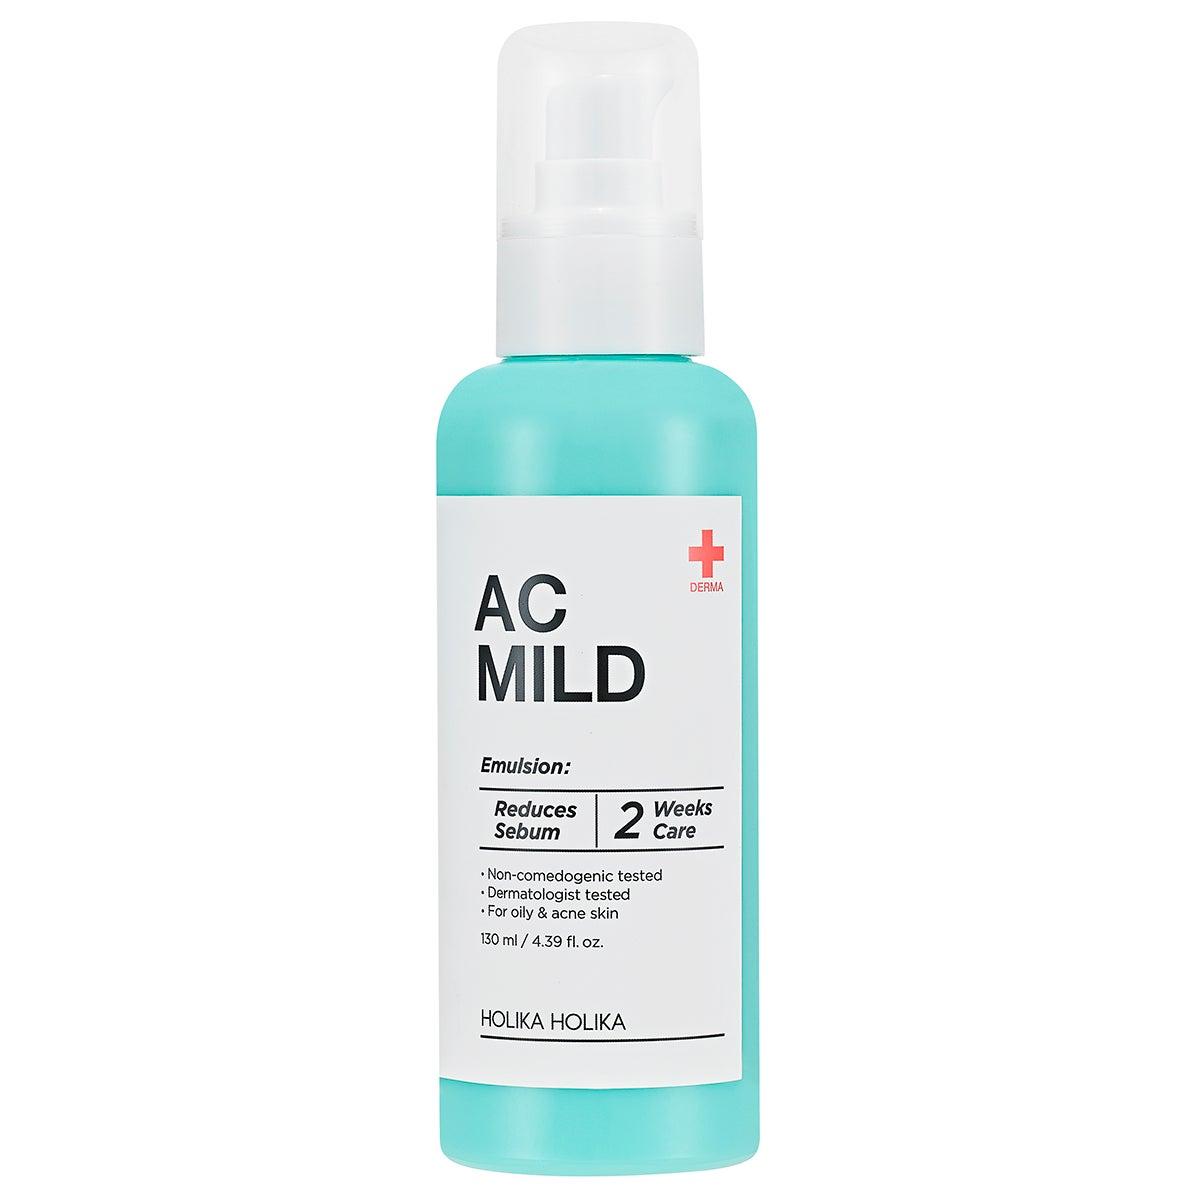 AC MILD Emulsion, 130 ml Holika Holika Dagkräm